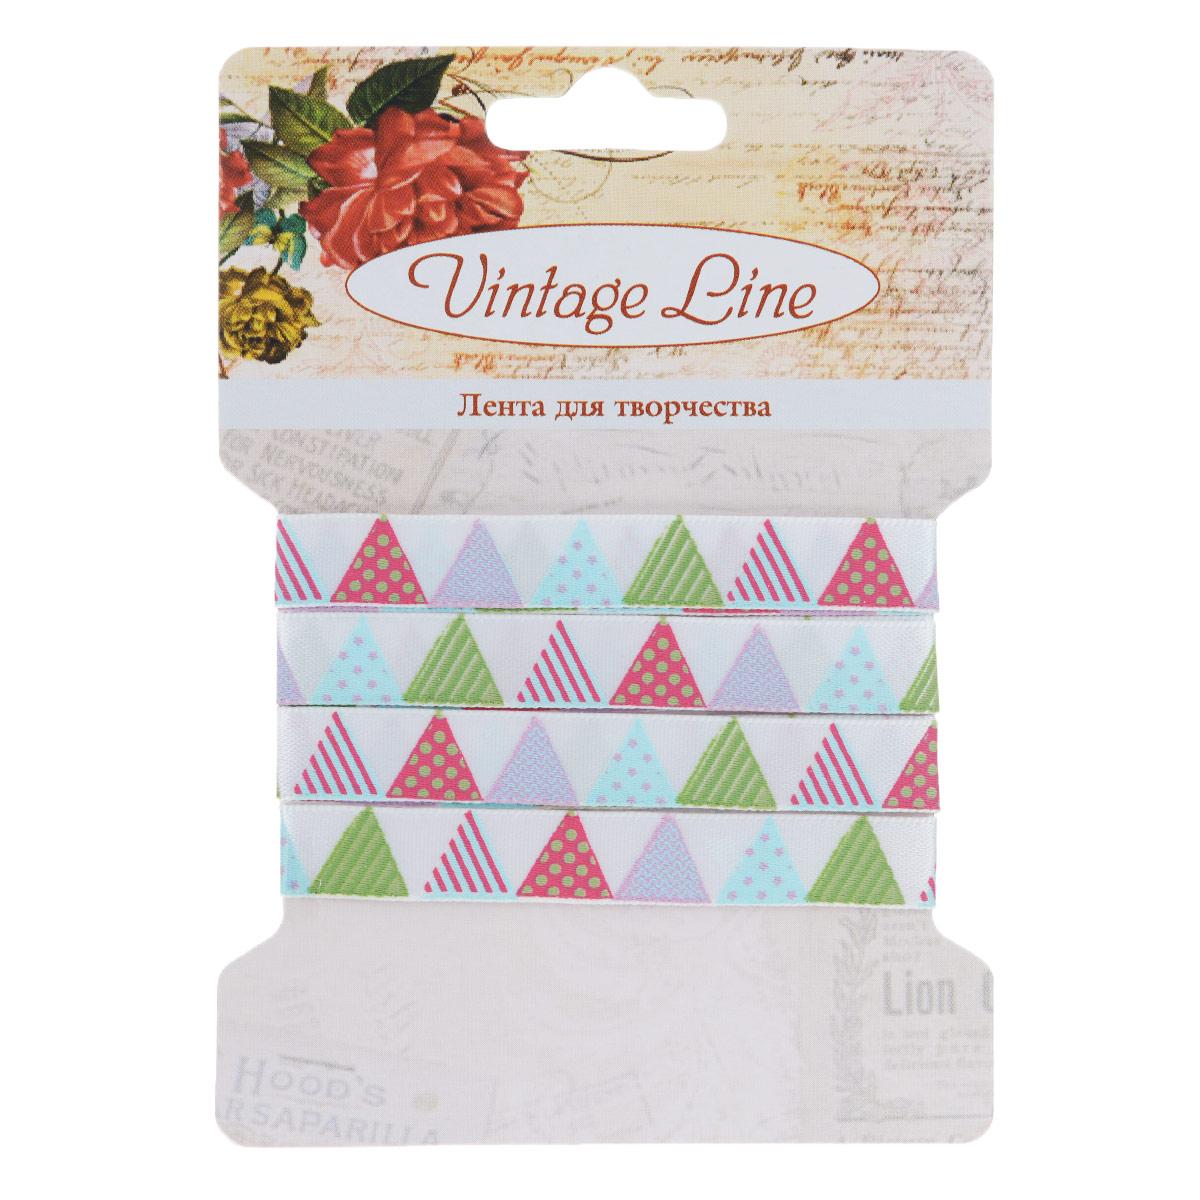 Лента декоративная Vintage Line Треугольники, 1 х 100 см 7709299NN-612-LS-PLДекоративная лента Vintage Line Треугольники представляет собой атласную ленту, декорированную небольшими разноцветными треугольниками. Такая лента идеально подойдет для оформления различных творческих работ таких, как скрапбукинг, аппликация, декор коробок и открыток и многое другое.Лента наивысшего качества практична в использовании. Она станет незаменимым элементом в создании рукотворного шедевра. Ширина: 1 см.Длина: 1 м.